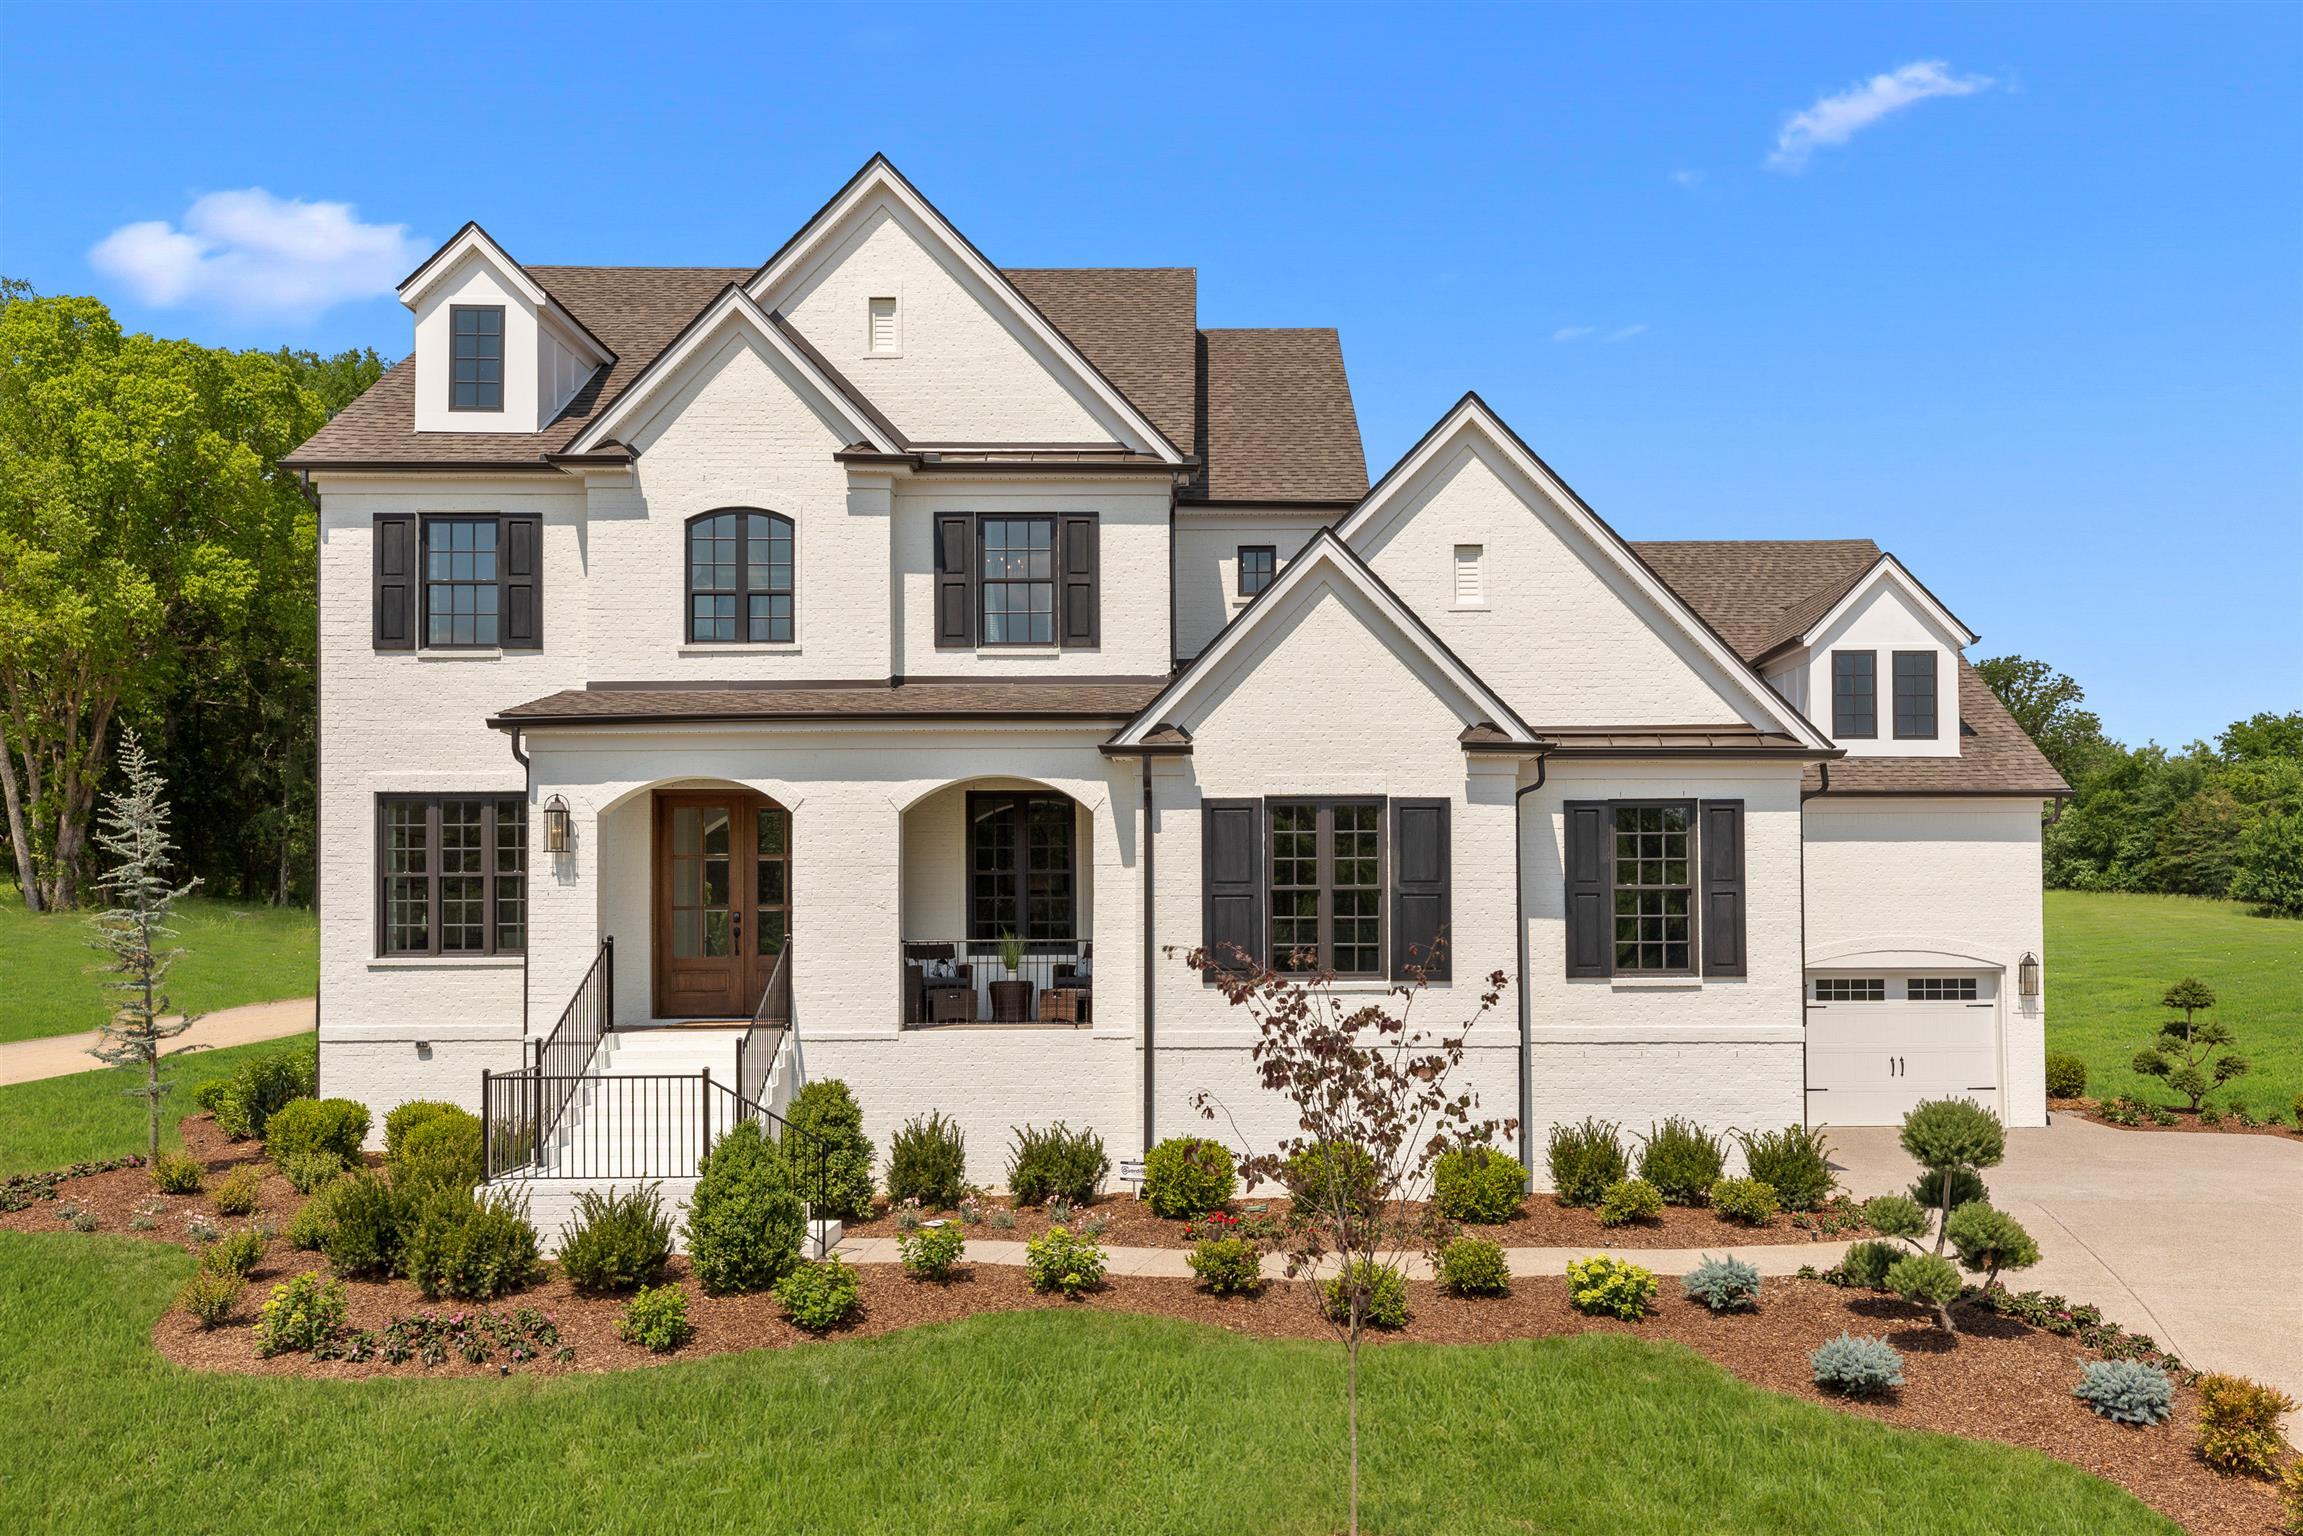 132 Asher Downs Circle #7, Nolensville, TN 37135 - Nolensville, TN real estate listing